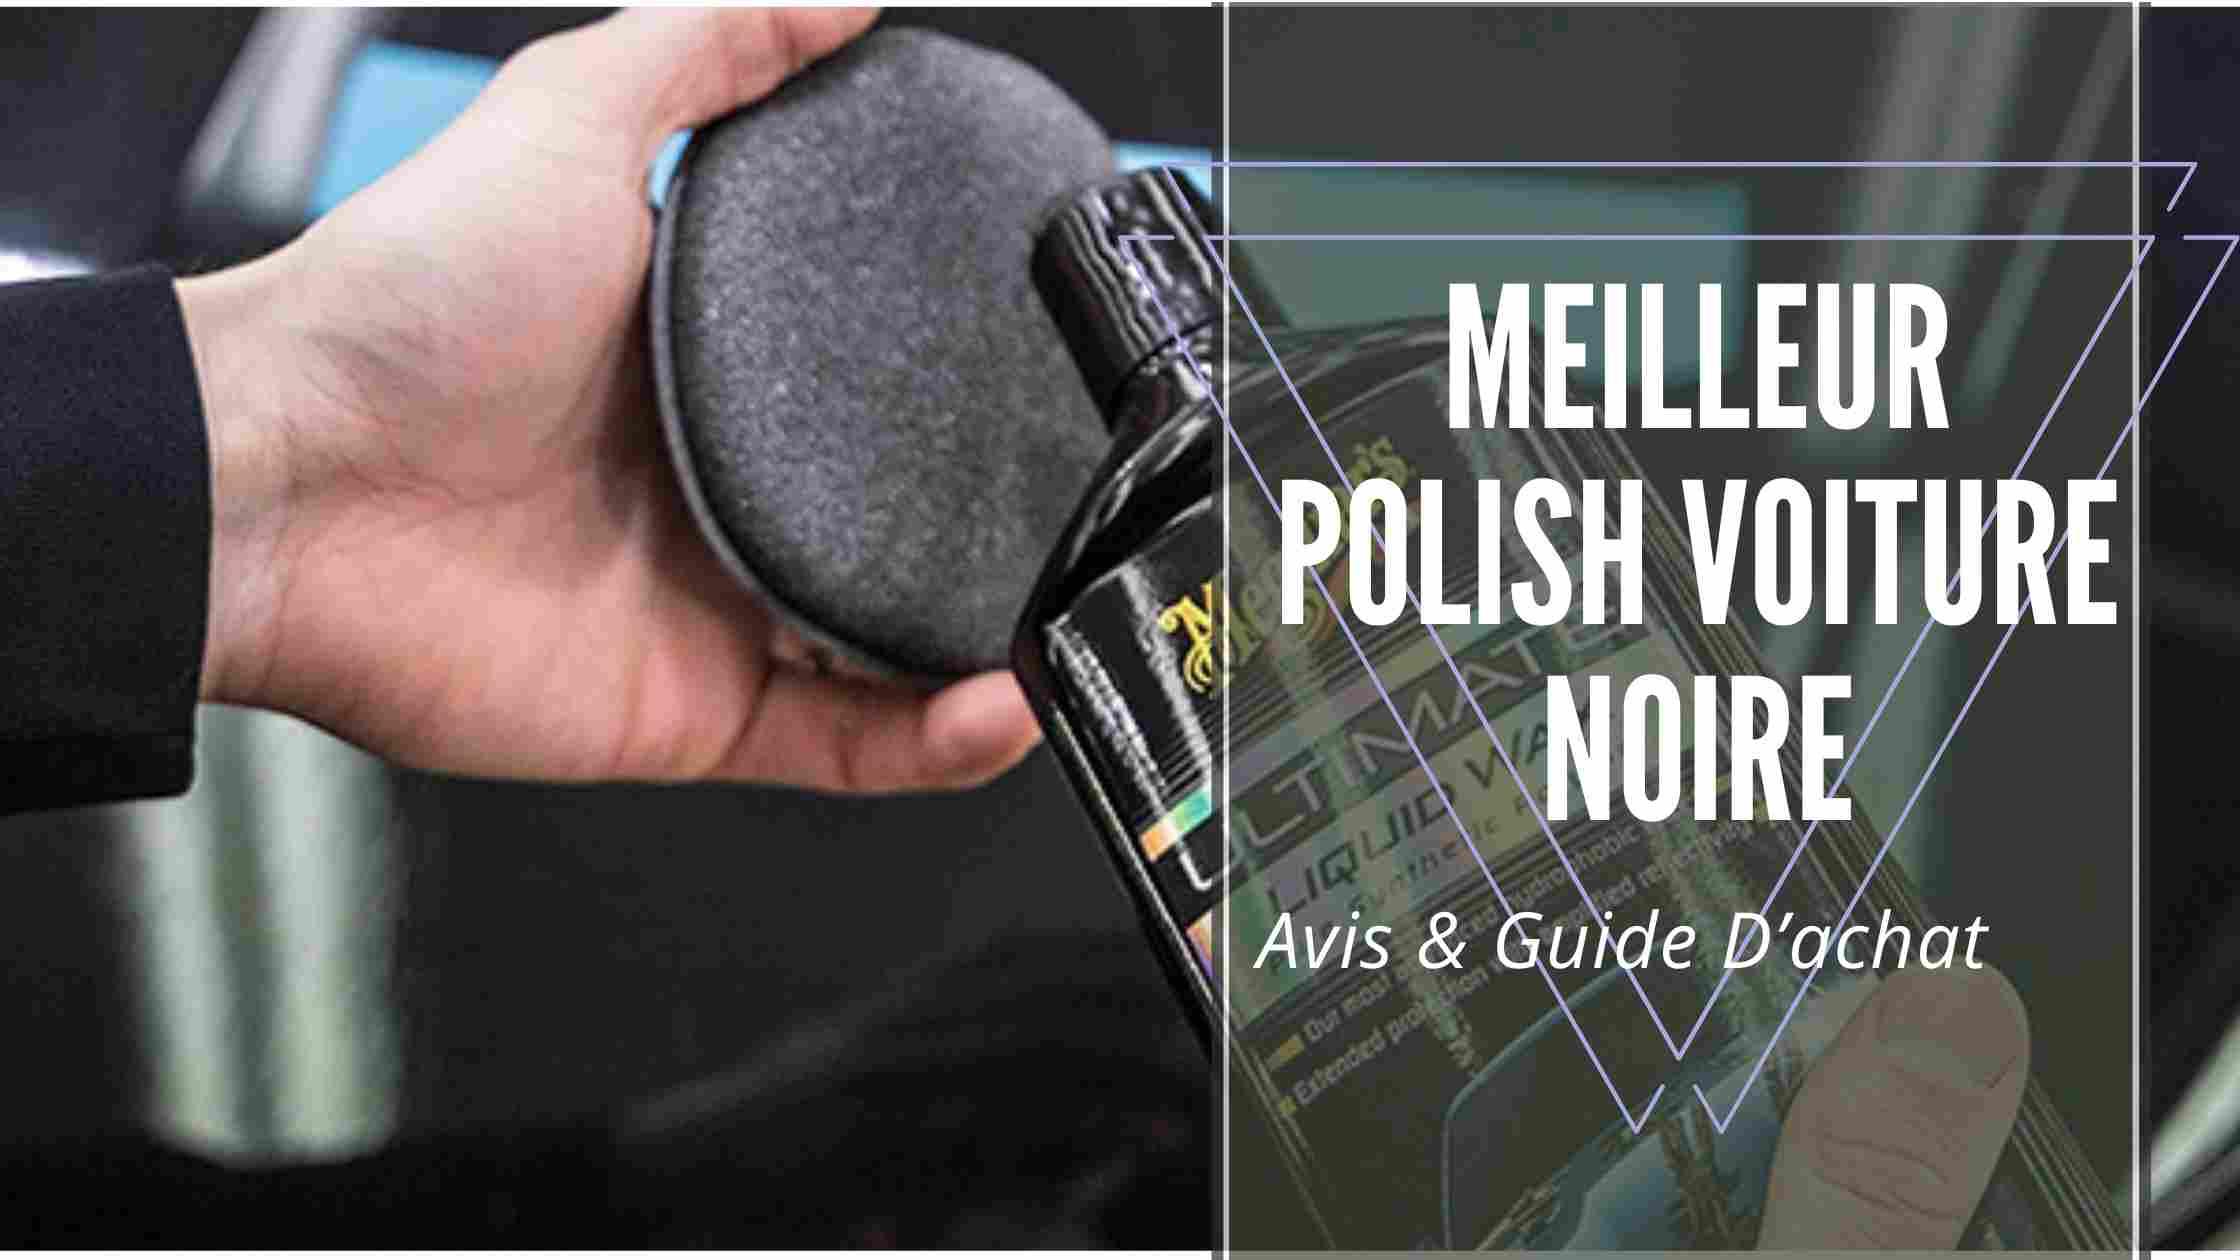 Meilleur Polish Voiture Noire